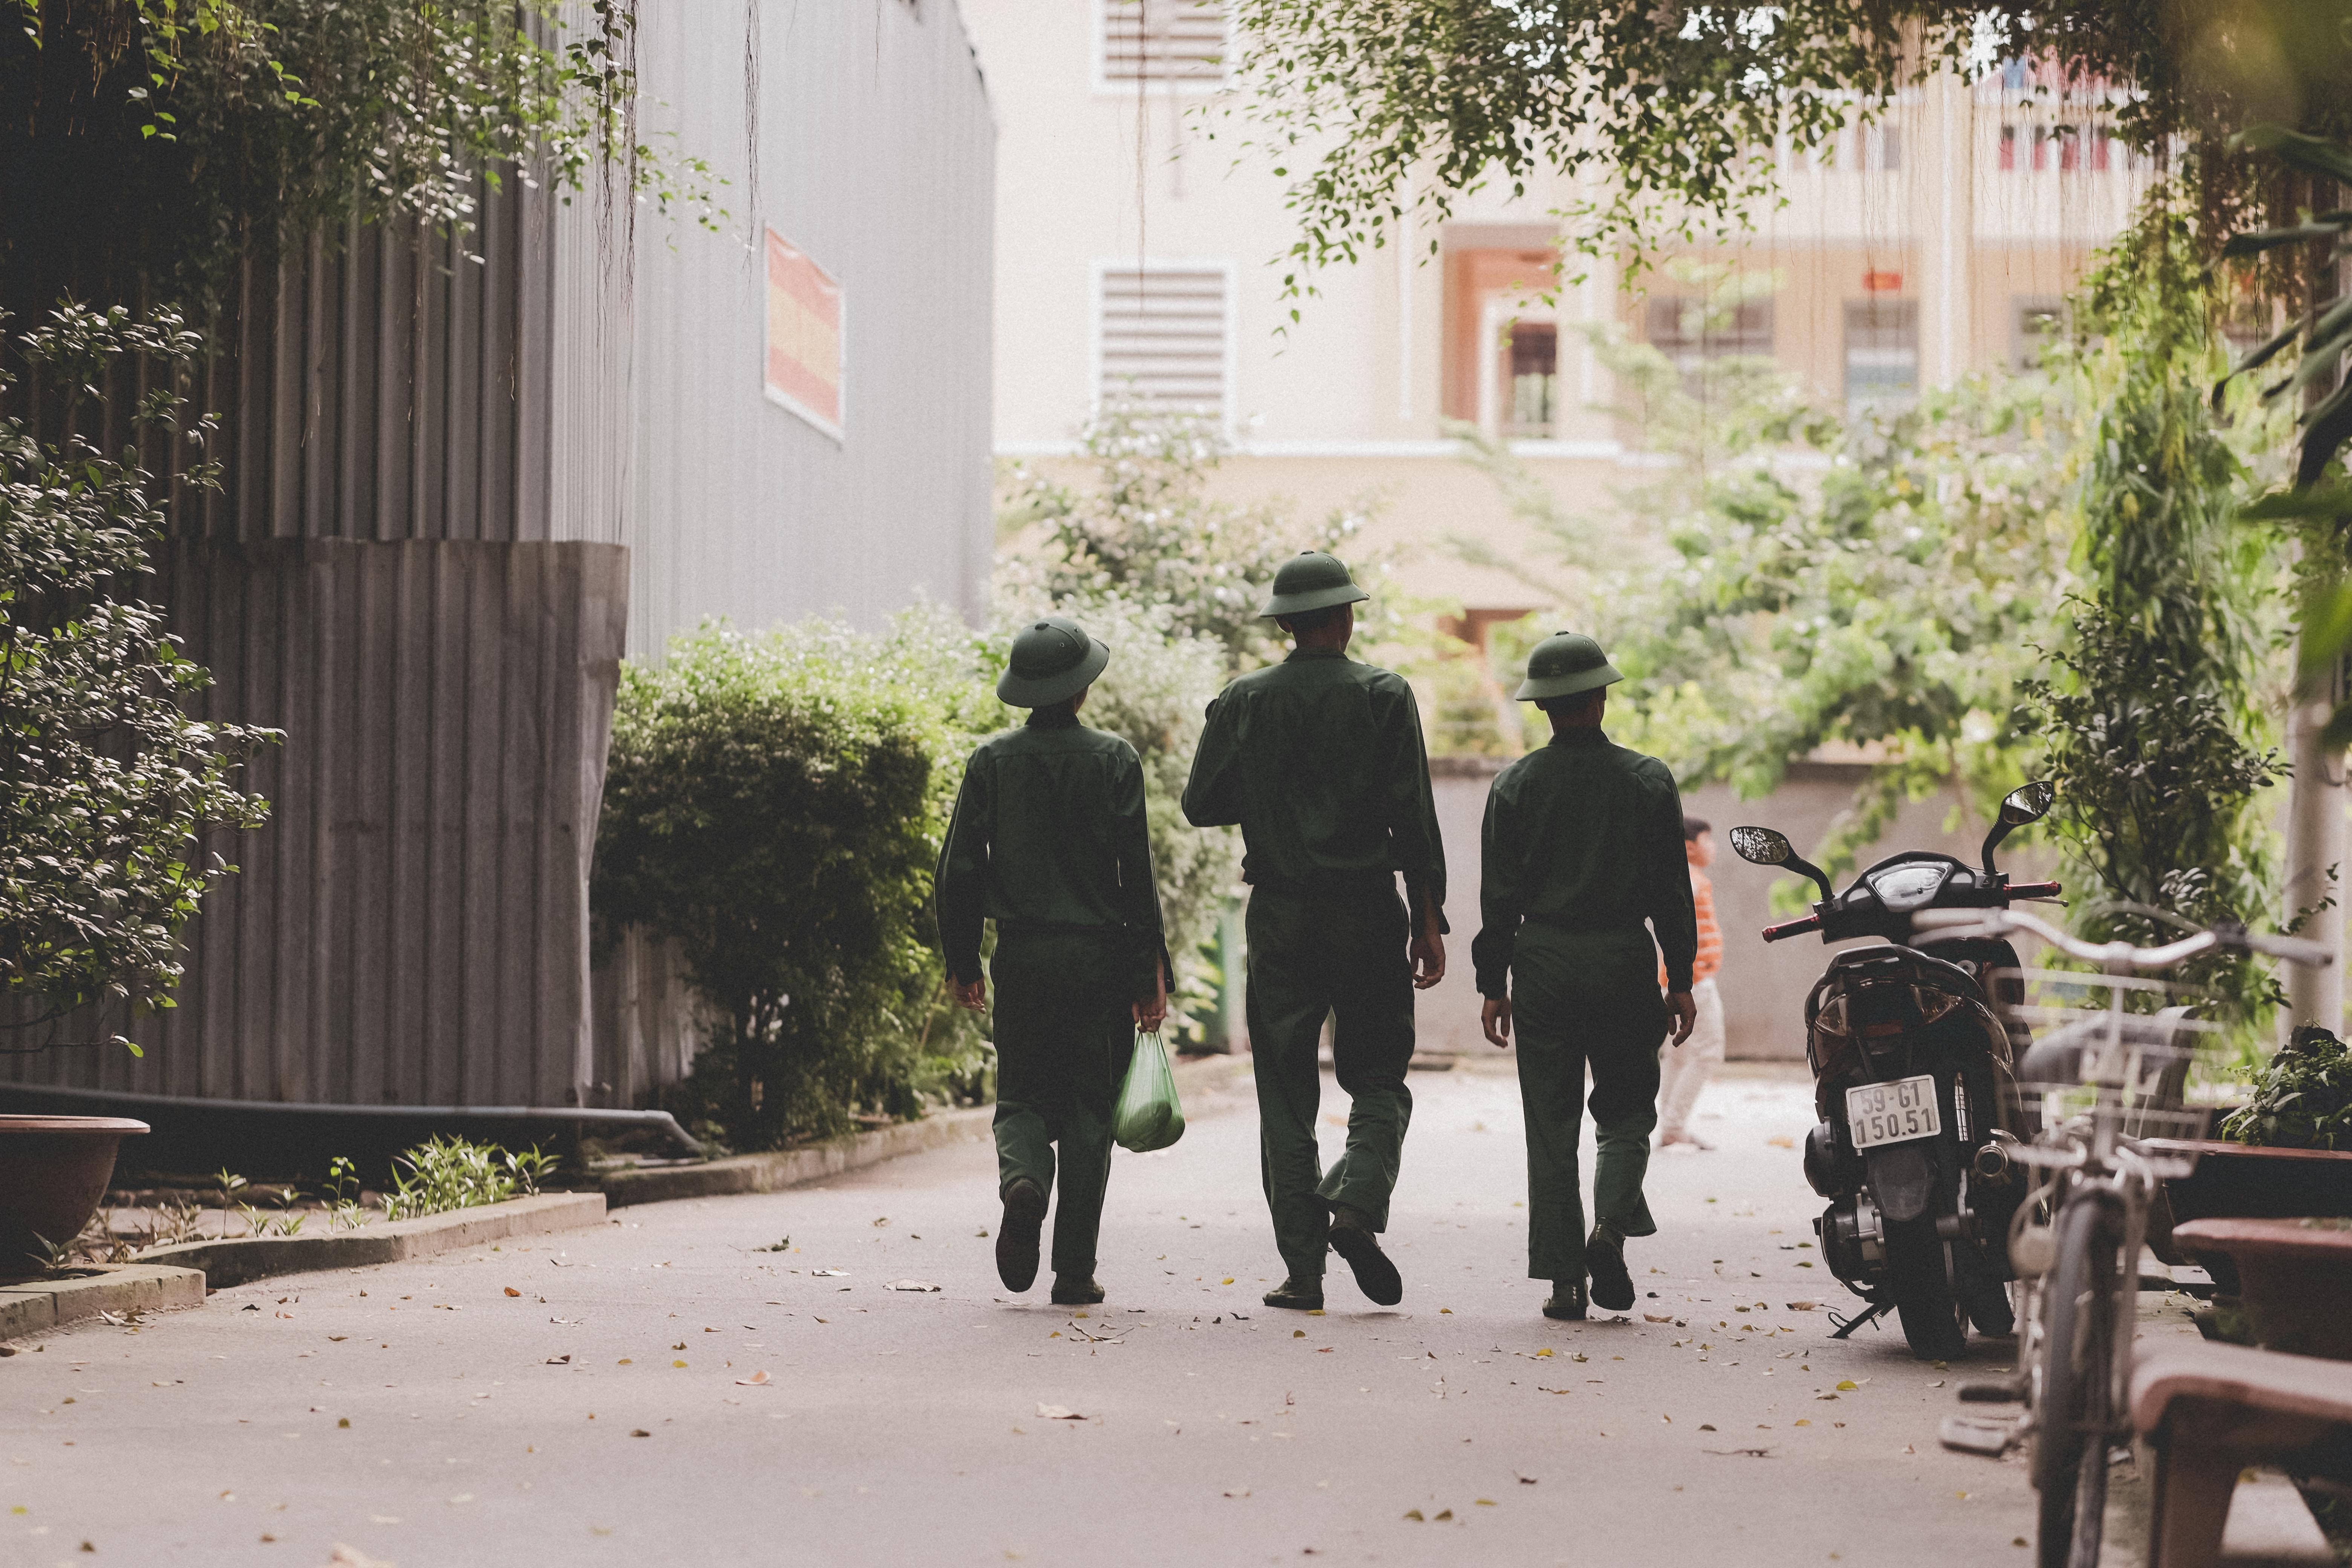 three men walking beside black motorcycle during daytime